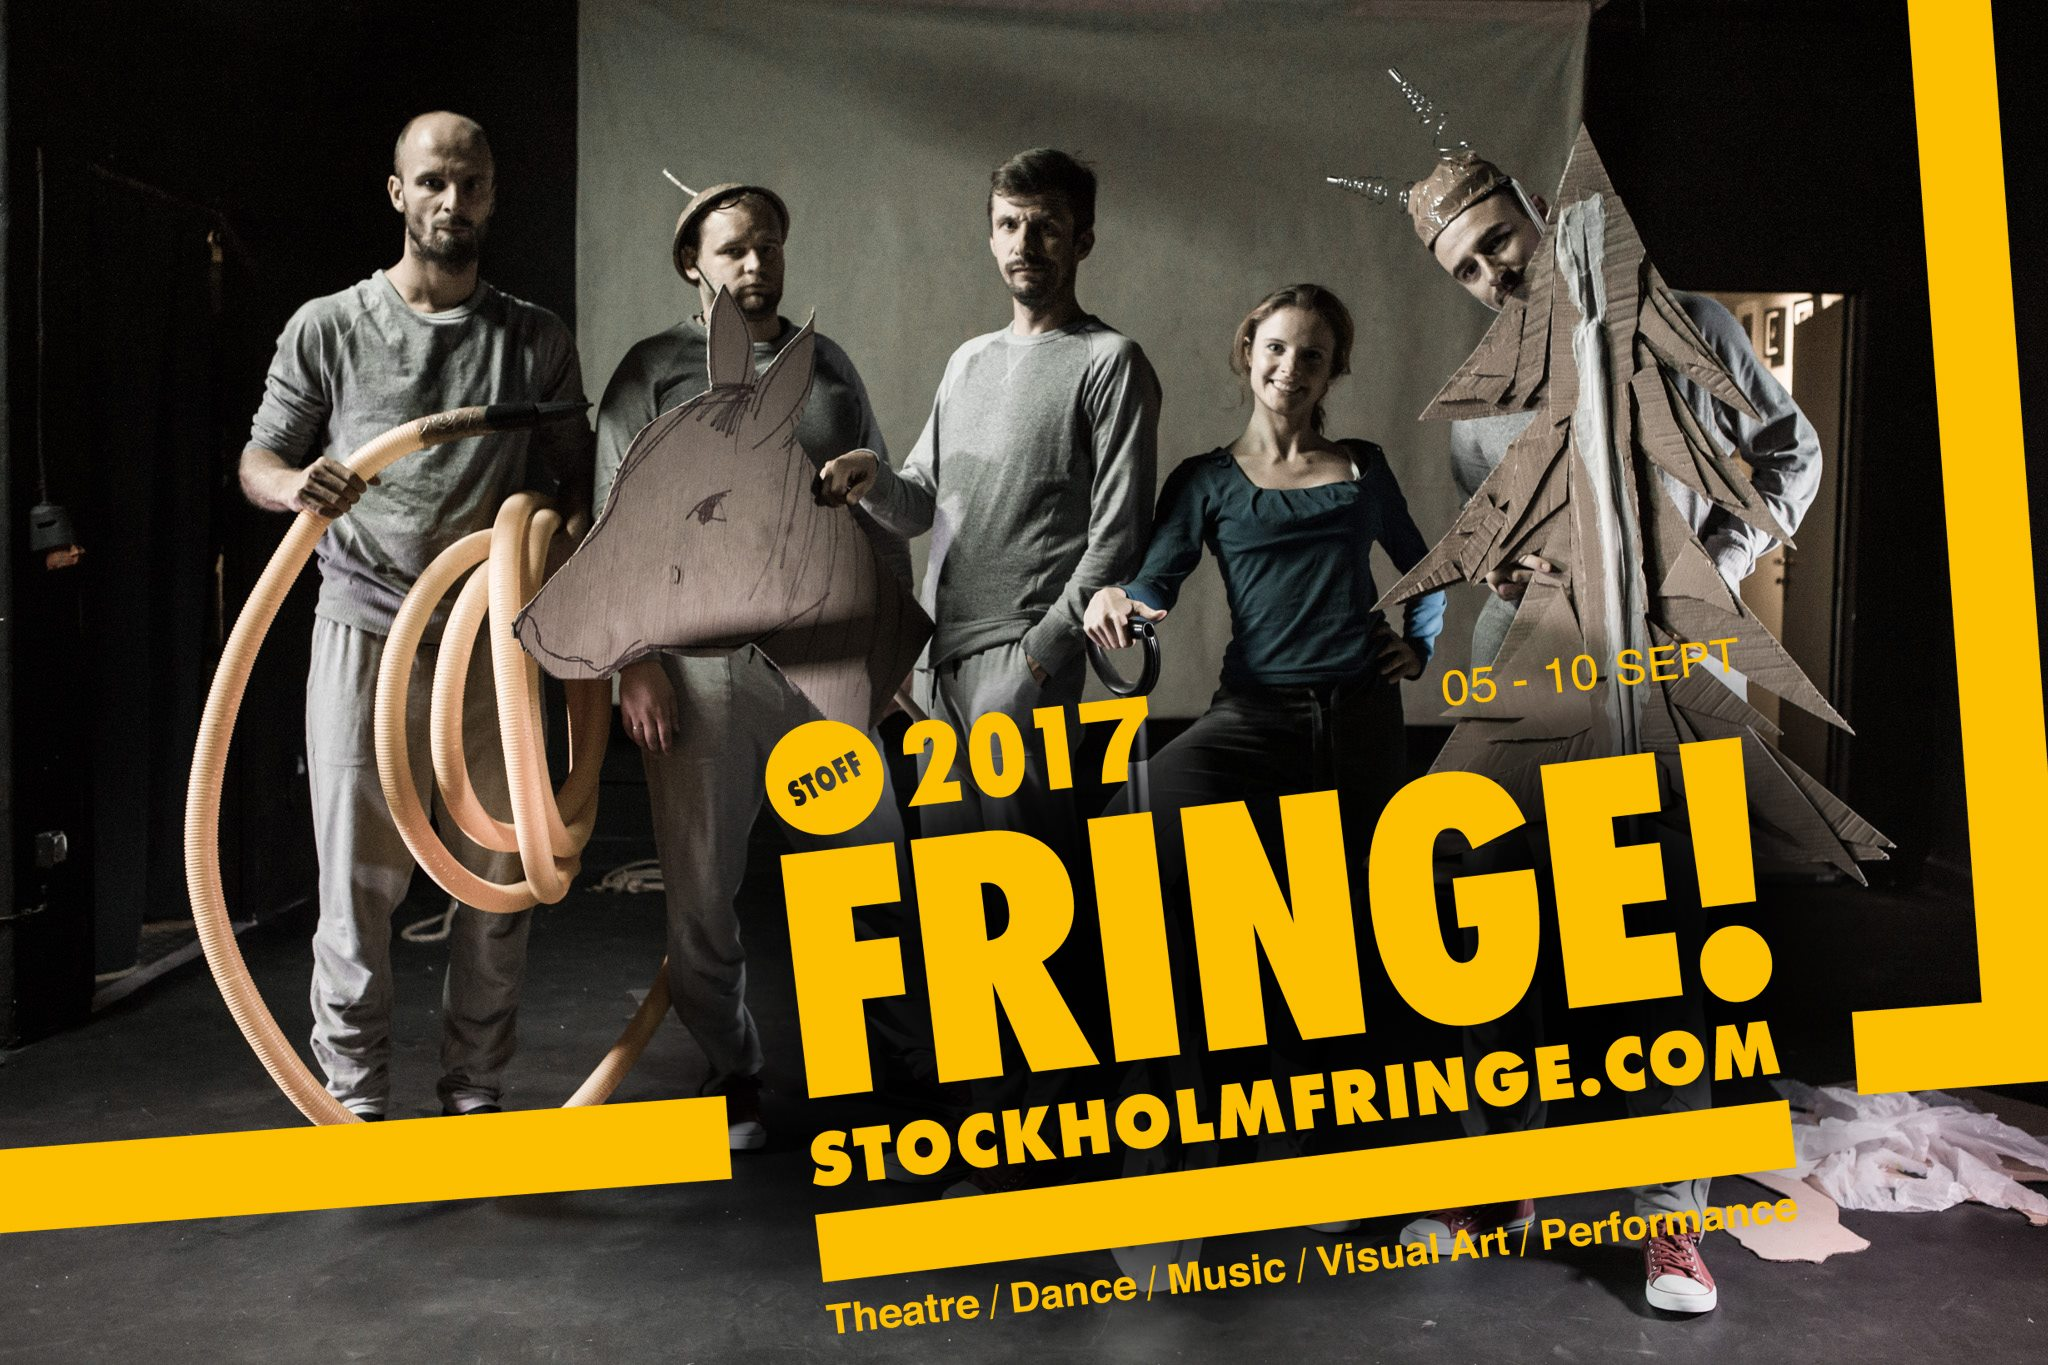 stockholm fringe